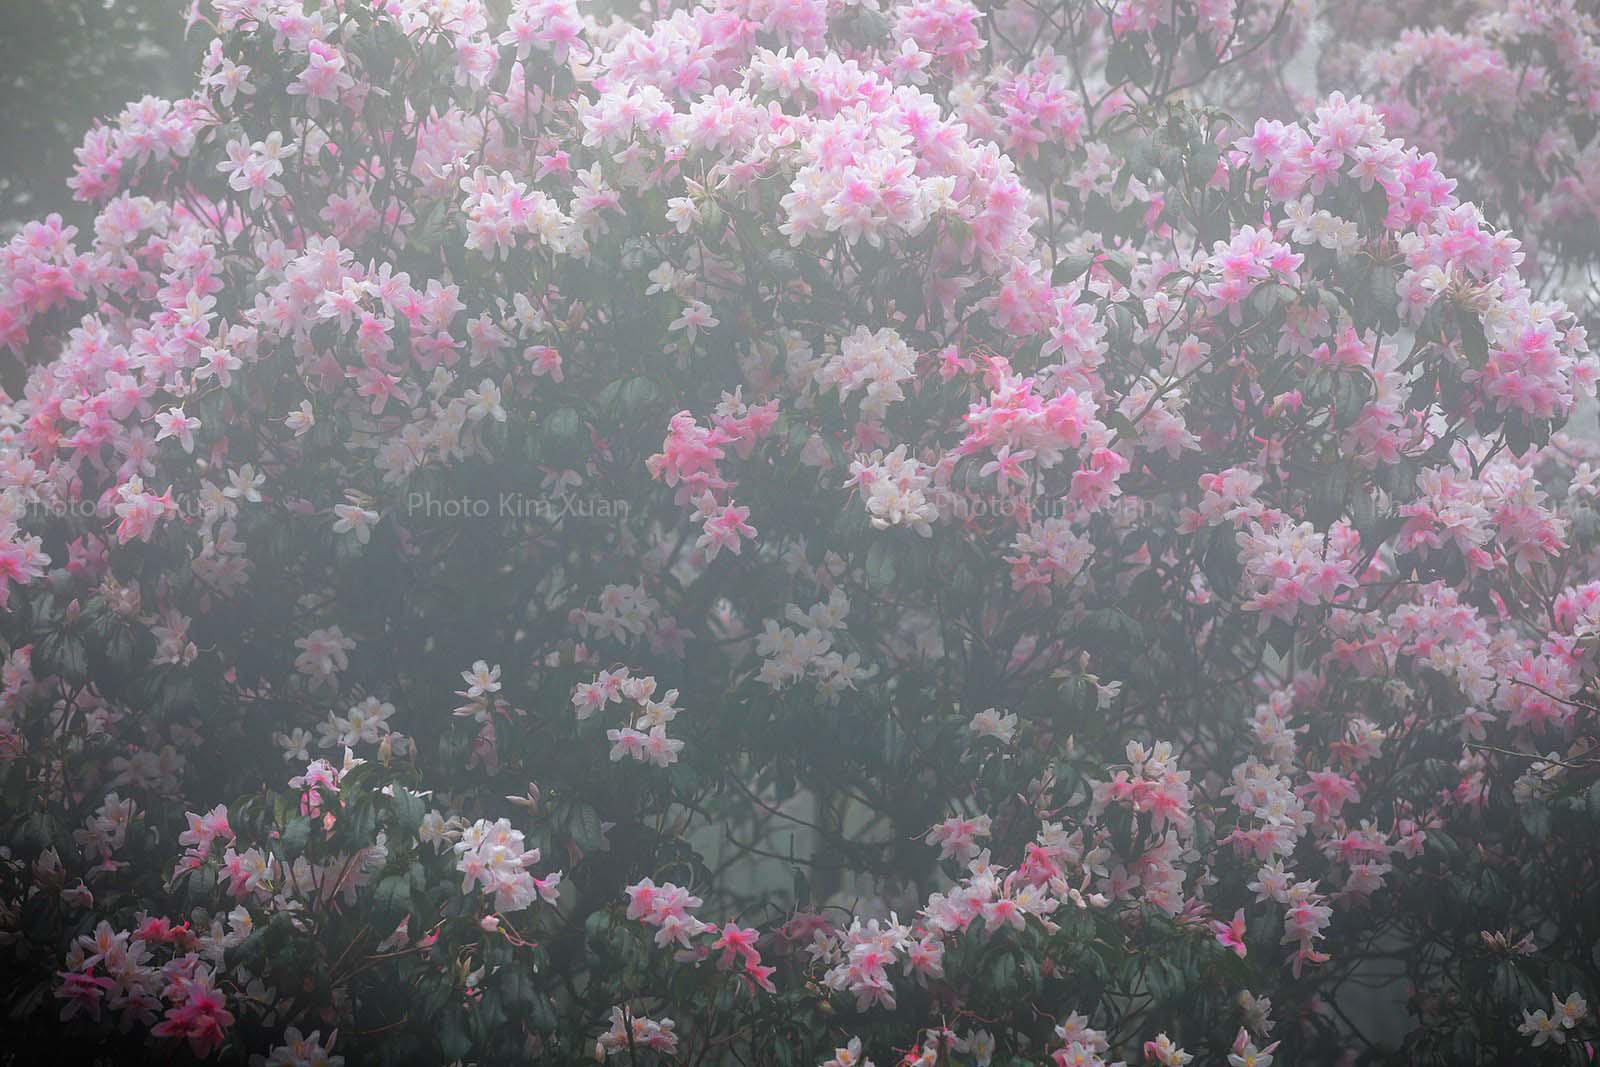 Cao Bằng: Mê mẩn sắc hoa Đỗ quyên cổ thụ rực rỡ trên đỉnh Phia Oắc - Ảnh 8.